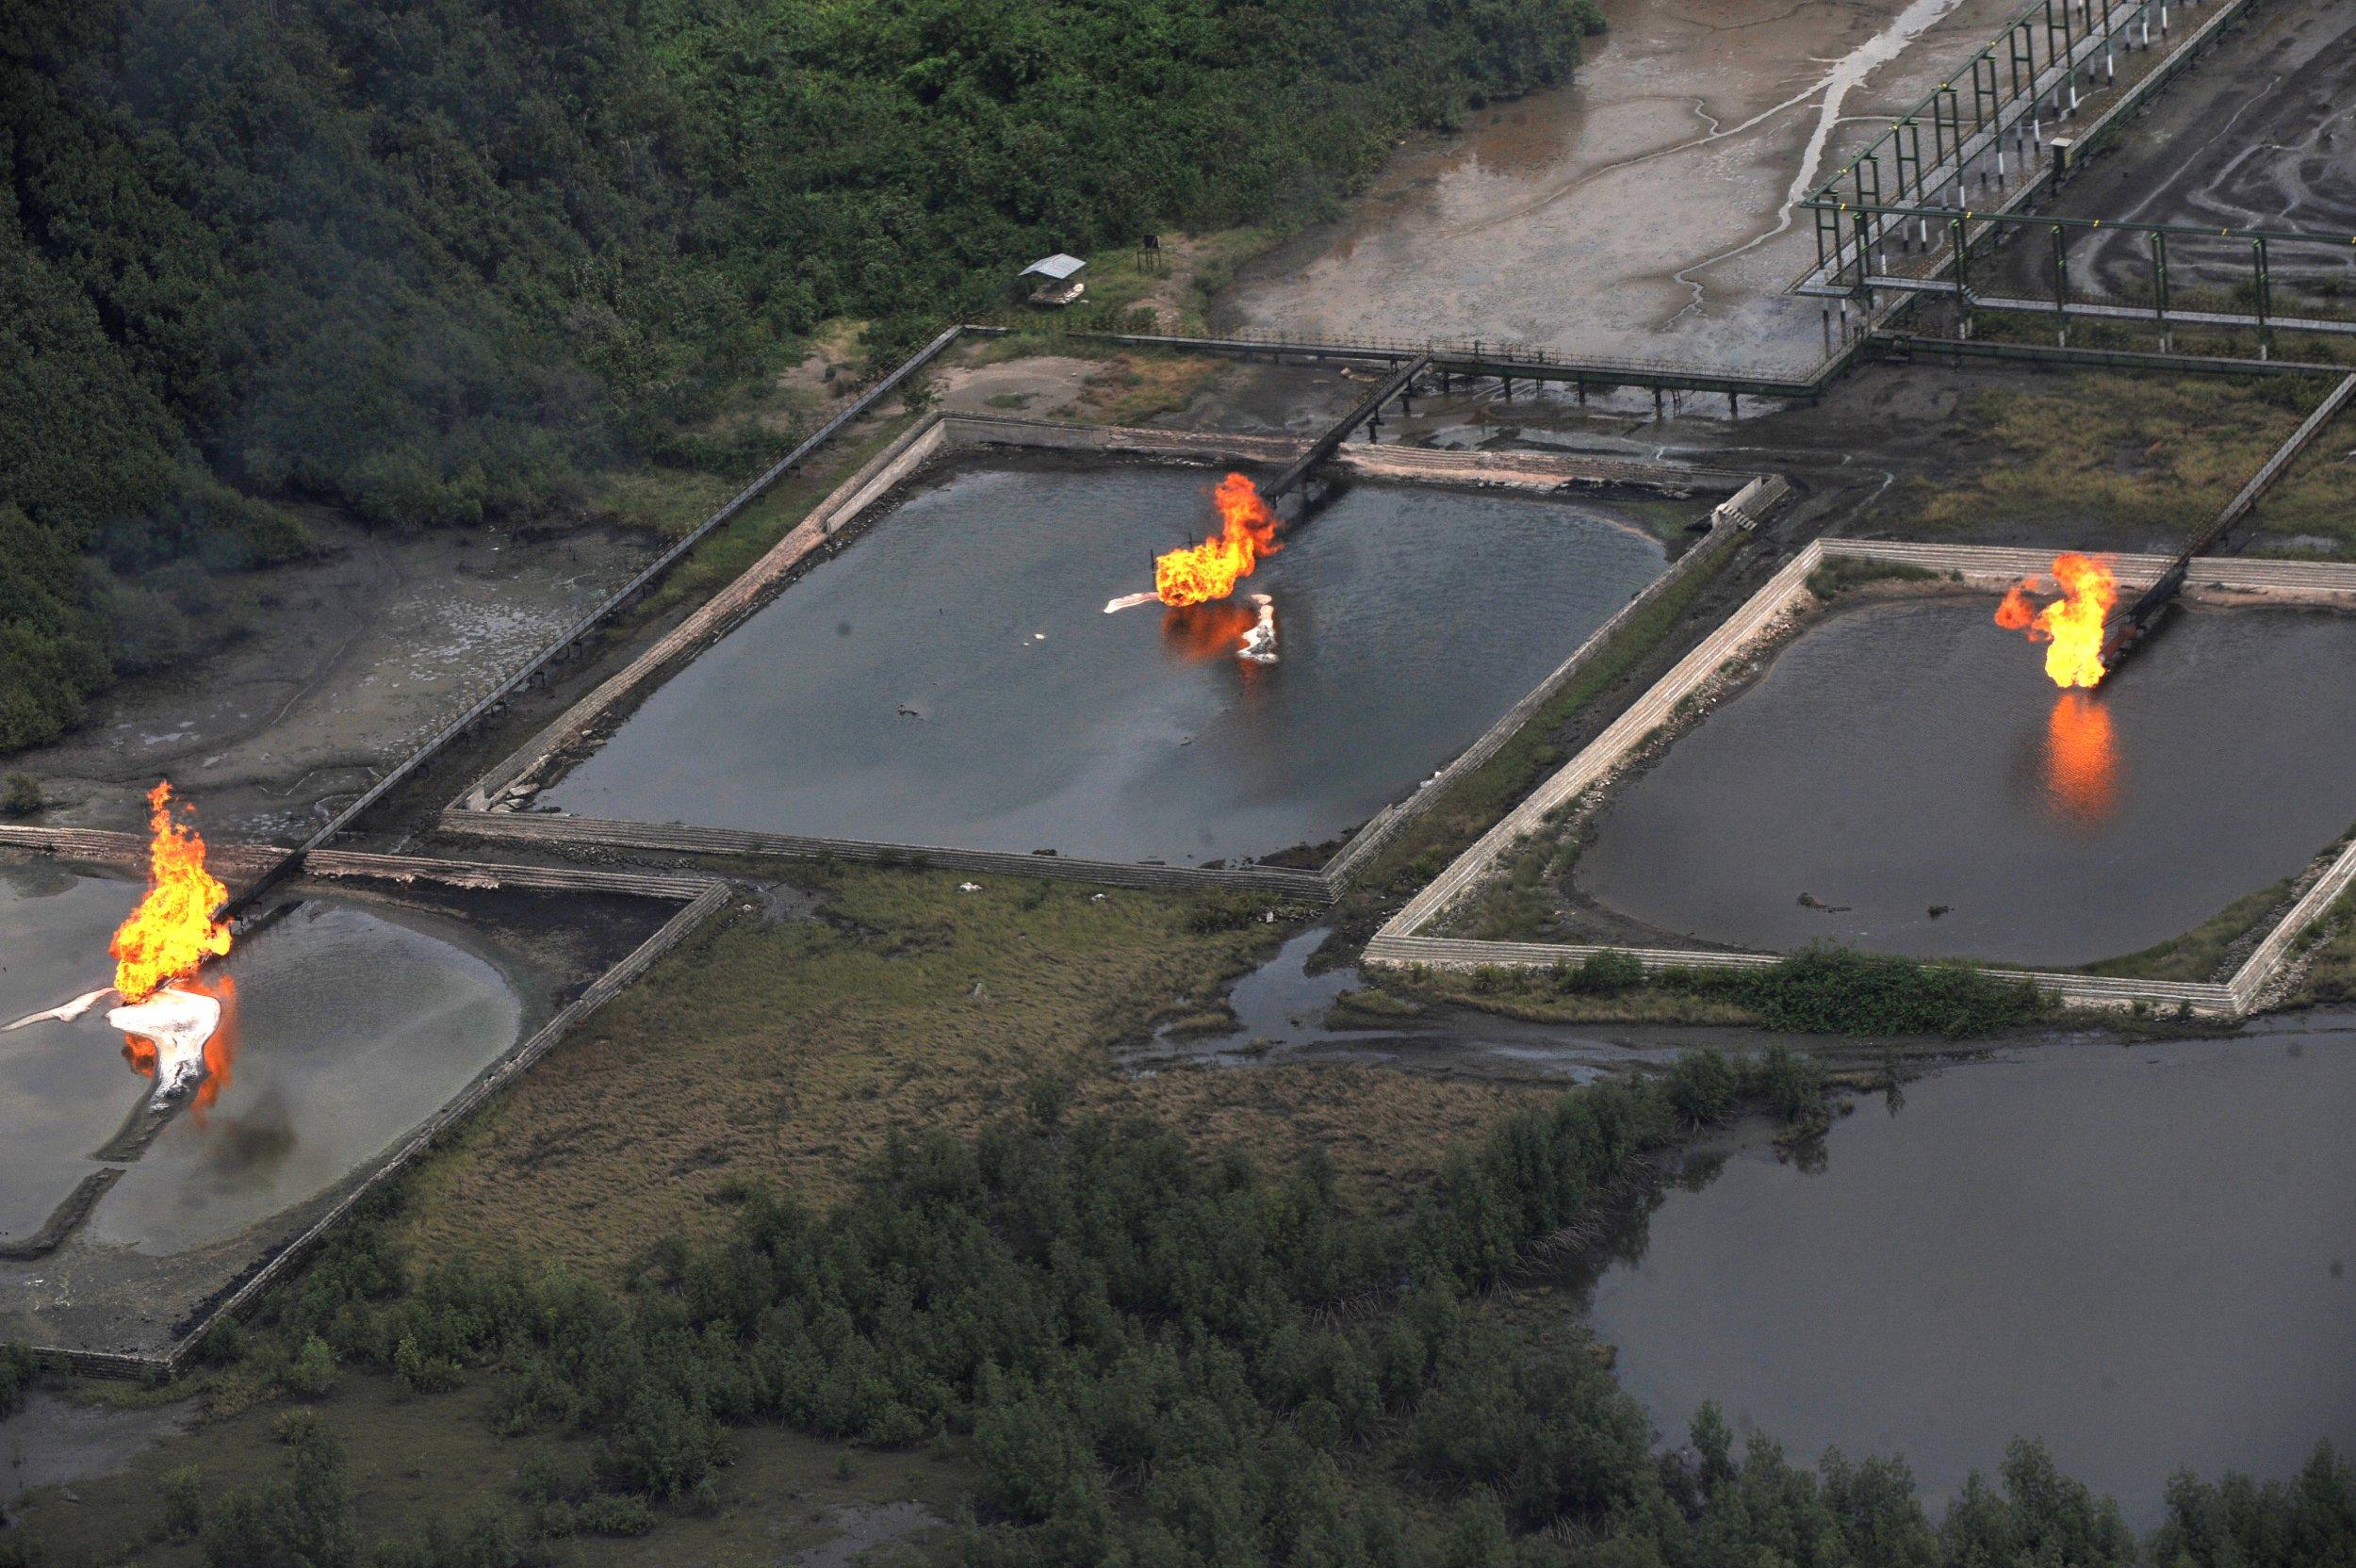 Niger Delta oil facility